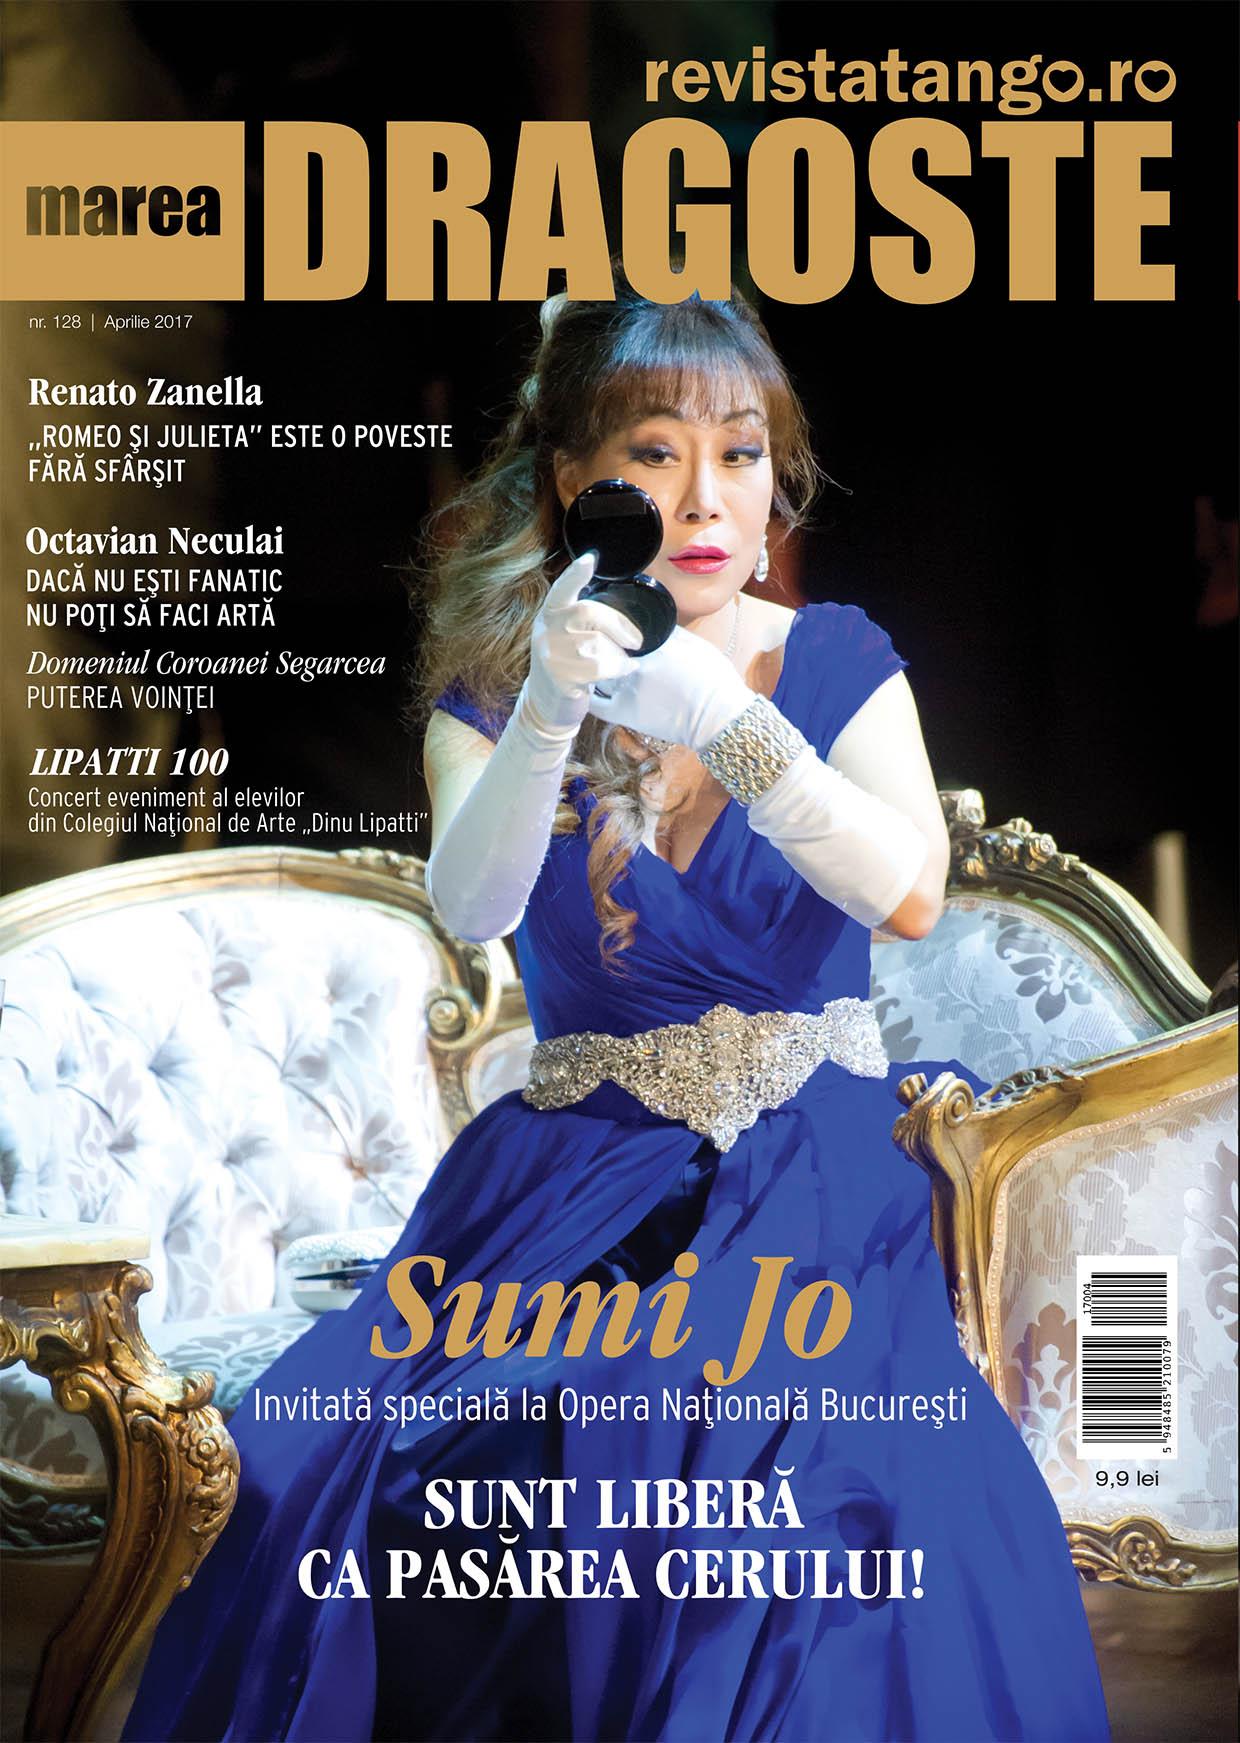 Sumi Jo pe coperta Marea Dragoste-revistatango.ro, nr. 128, aprilie 2017